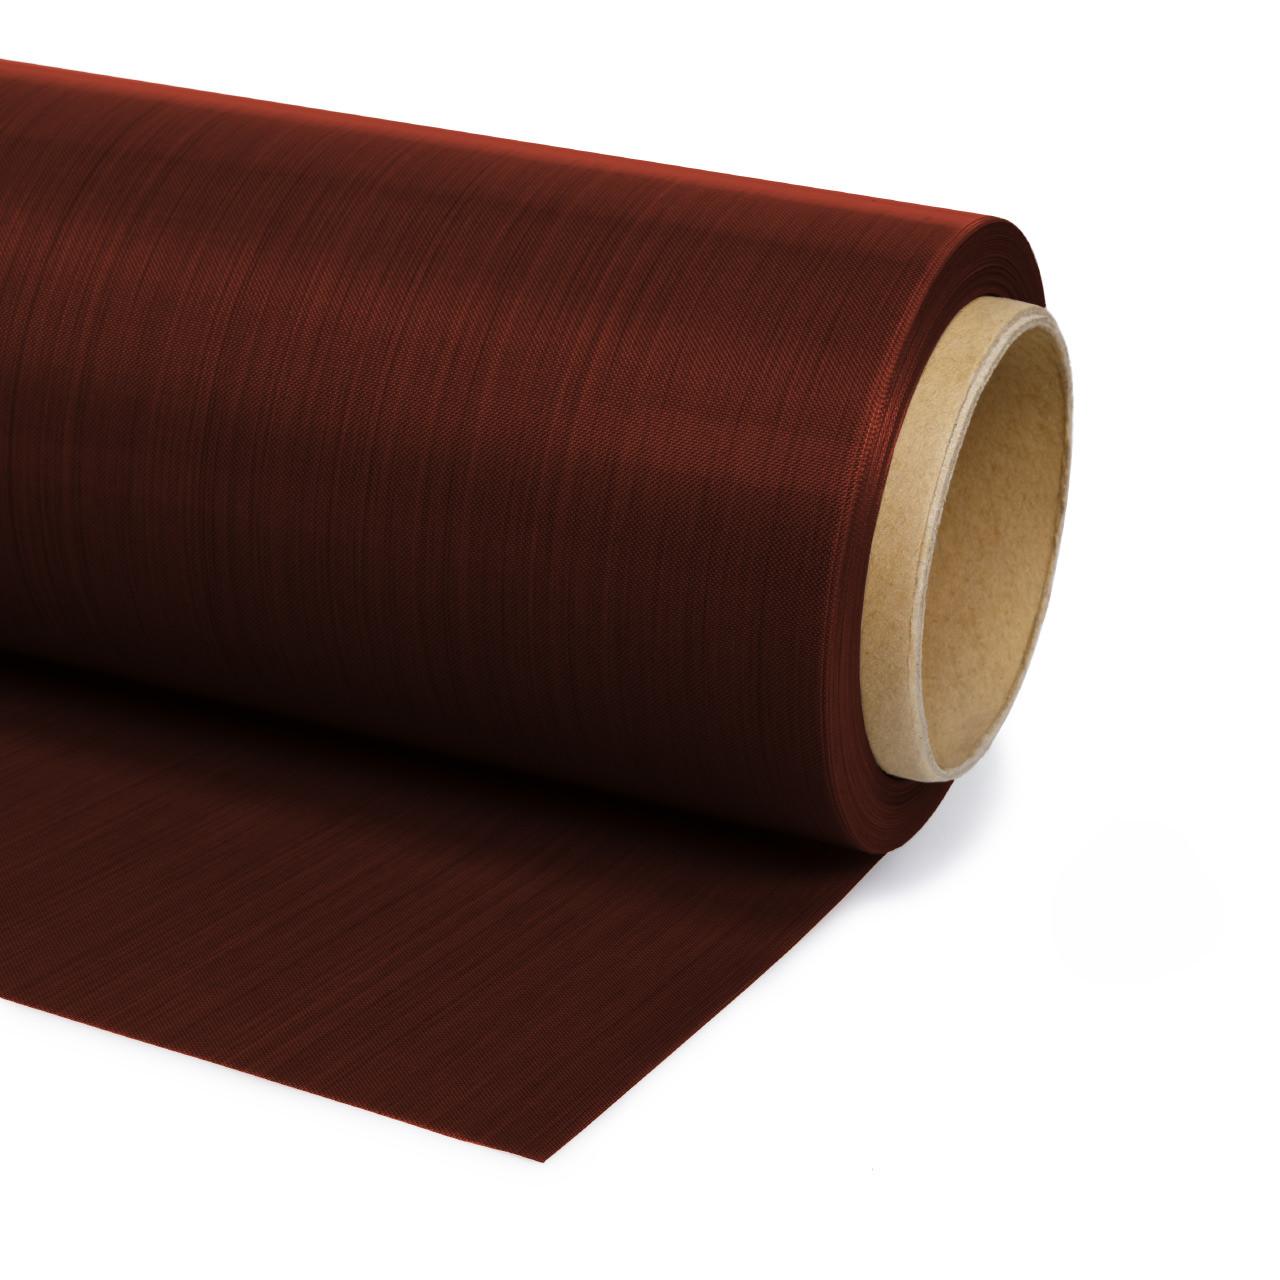 Тефлоновая лента толщина 0.15 мм двухслойная для обжарки